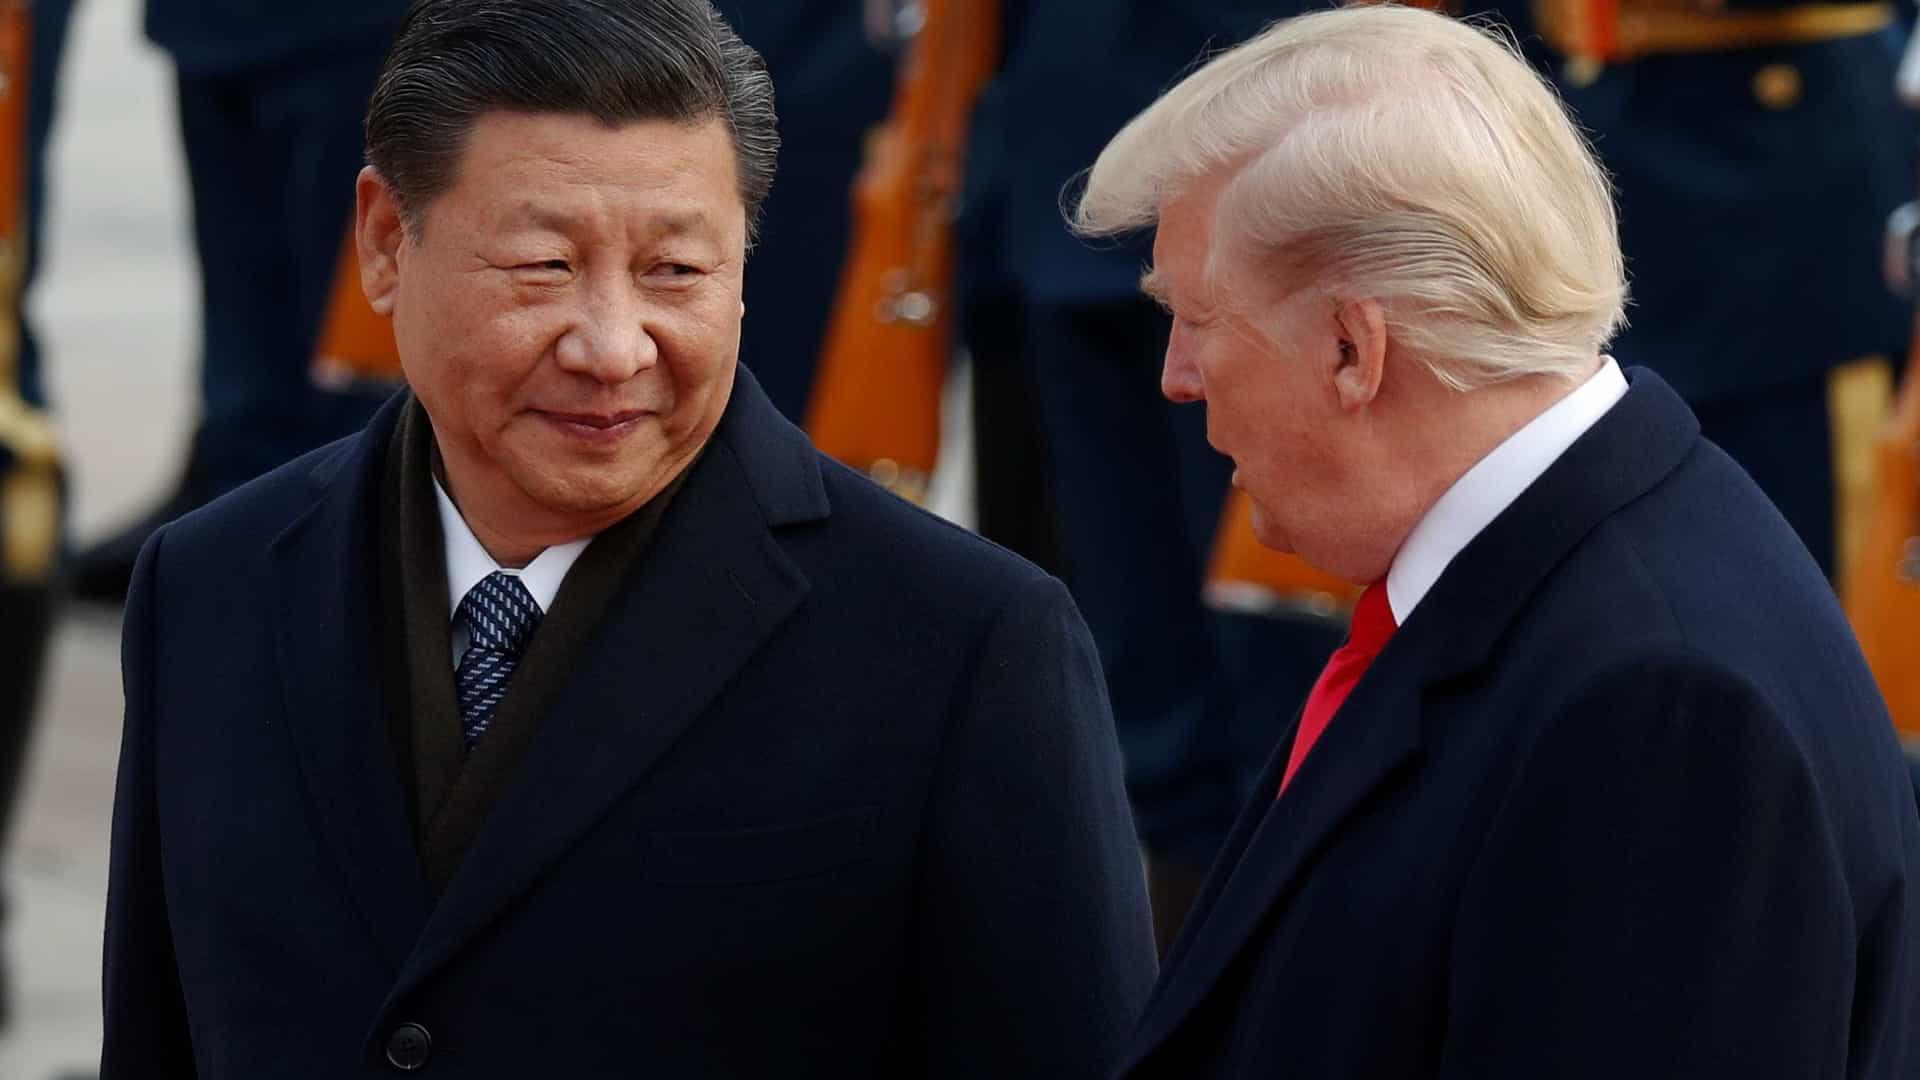 Trump e Xi falam em cooperação contra o coronavírus